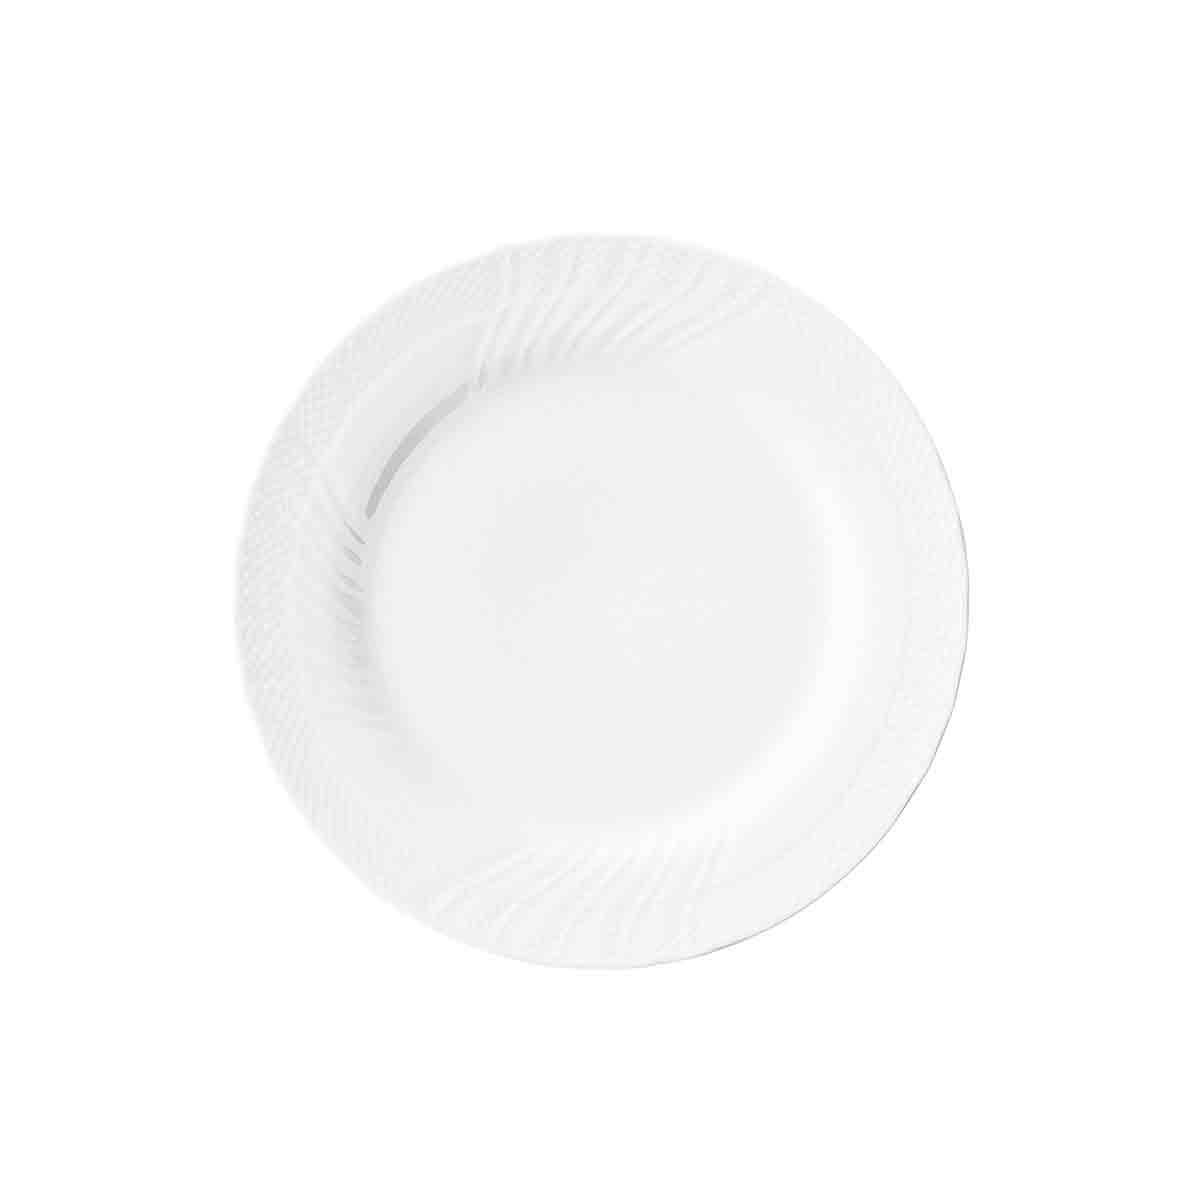 美濃焼 日本製 おしゃれ 食器 カラー シンプル 15300005 SEAL限定商品 20cmケーキ皿 内祝い 白磁 取り寄せ商品 RIVAGE リヴァージュ